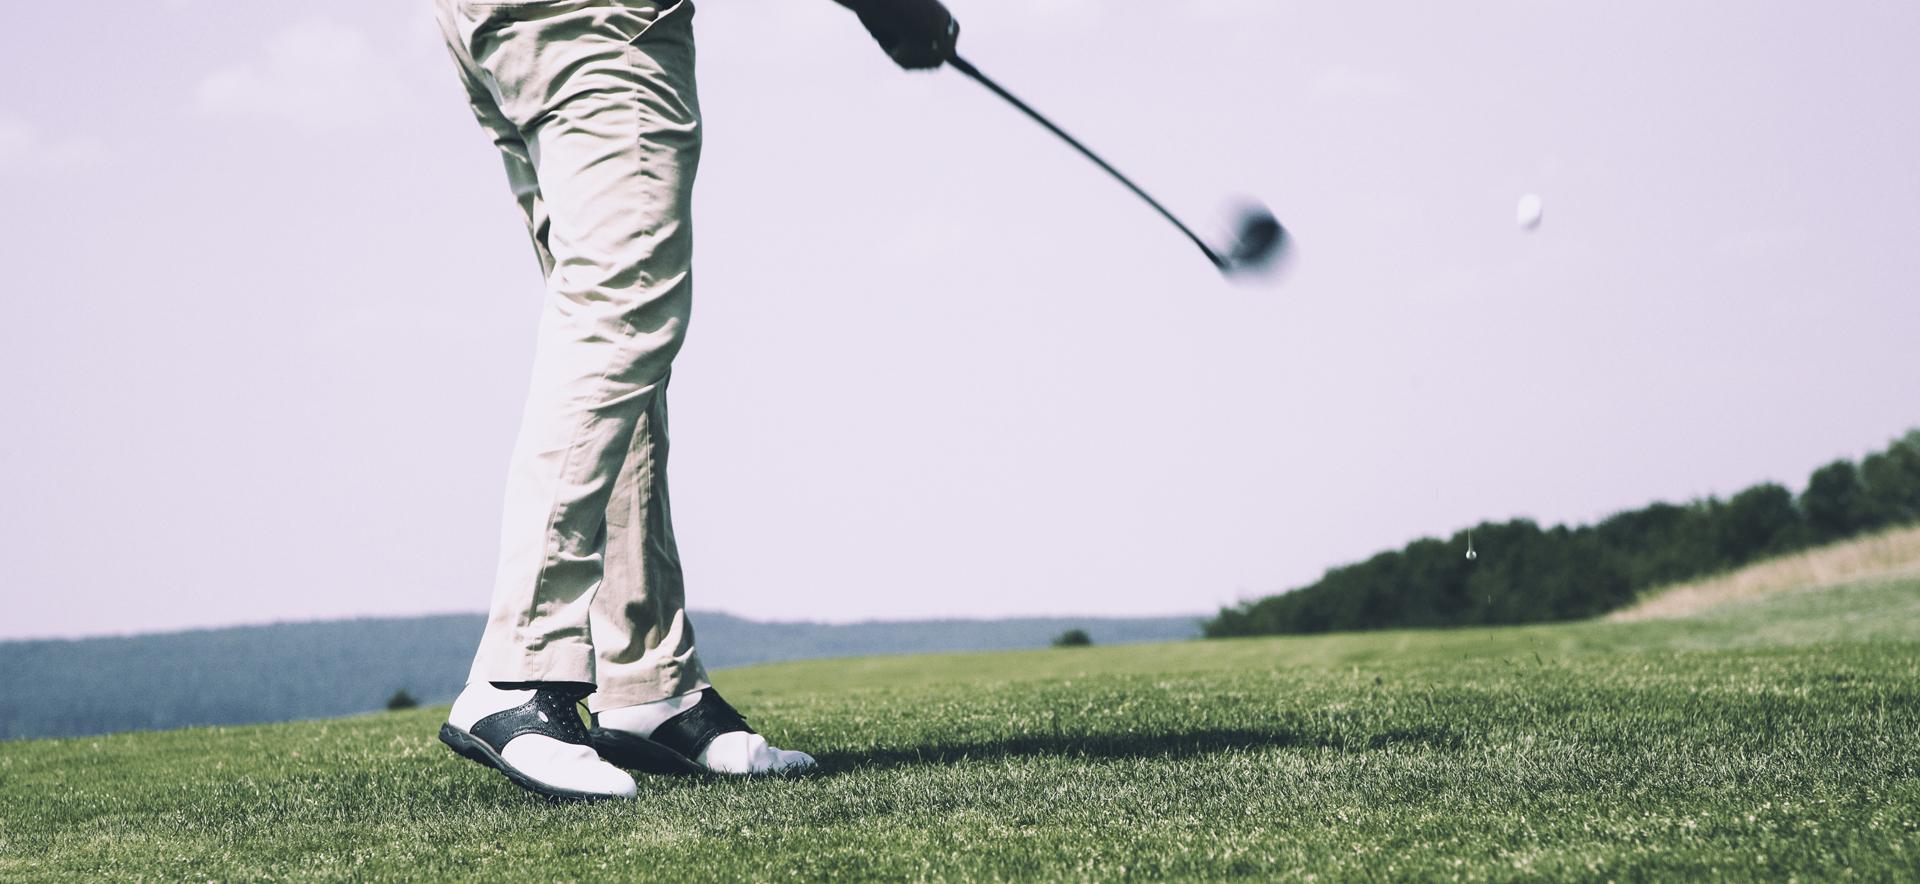 Jouer au golf sur le fairway